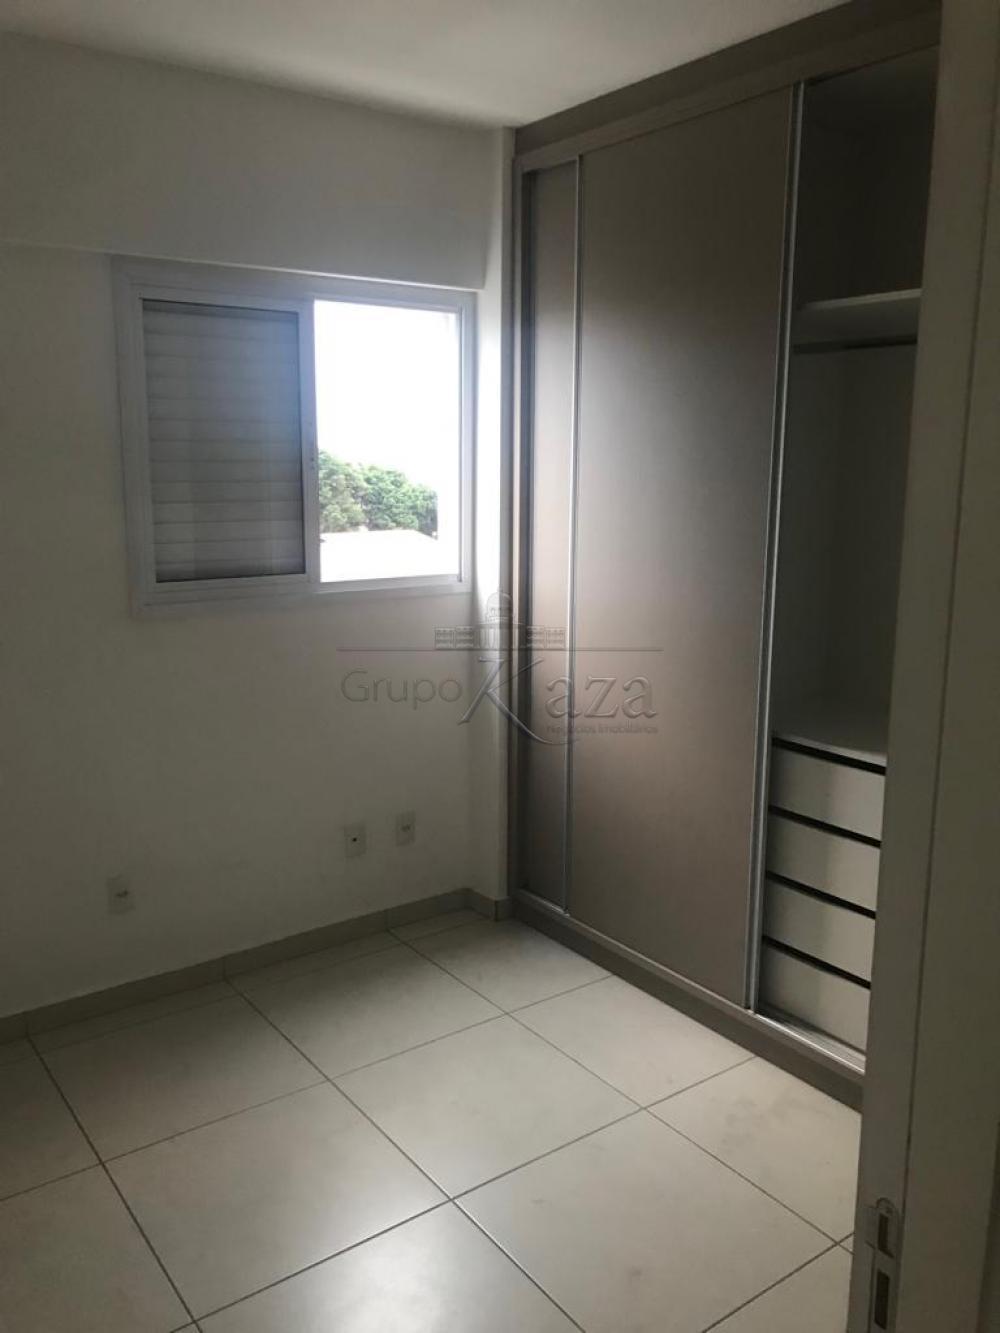 Comprar Casa / Condomínio em Taubaté apenas R$ 352.000,00 - Foto 16